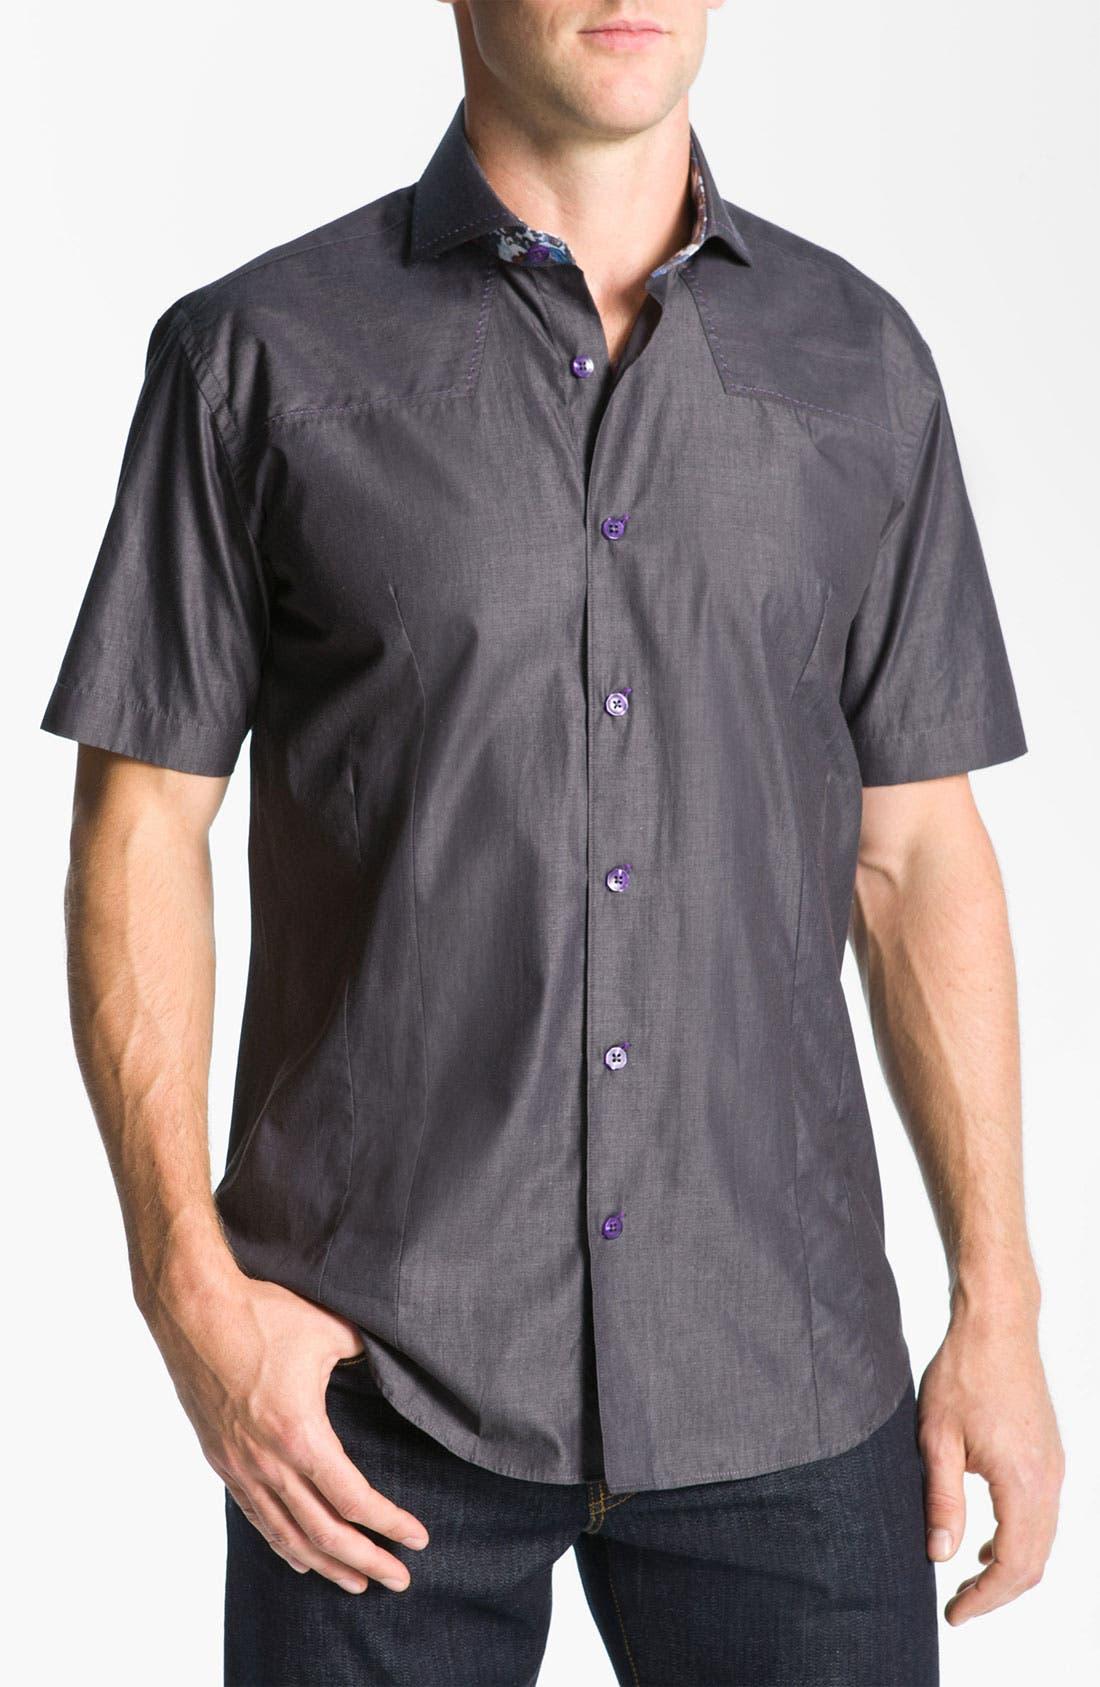 Alternate Image 1 Selected - Bogosse 'Mini Aramis 02' Sport Shirt